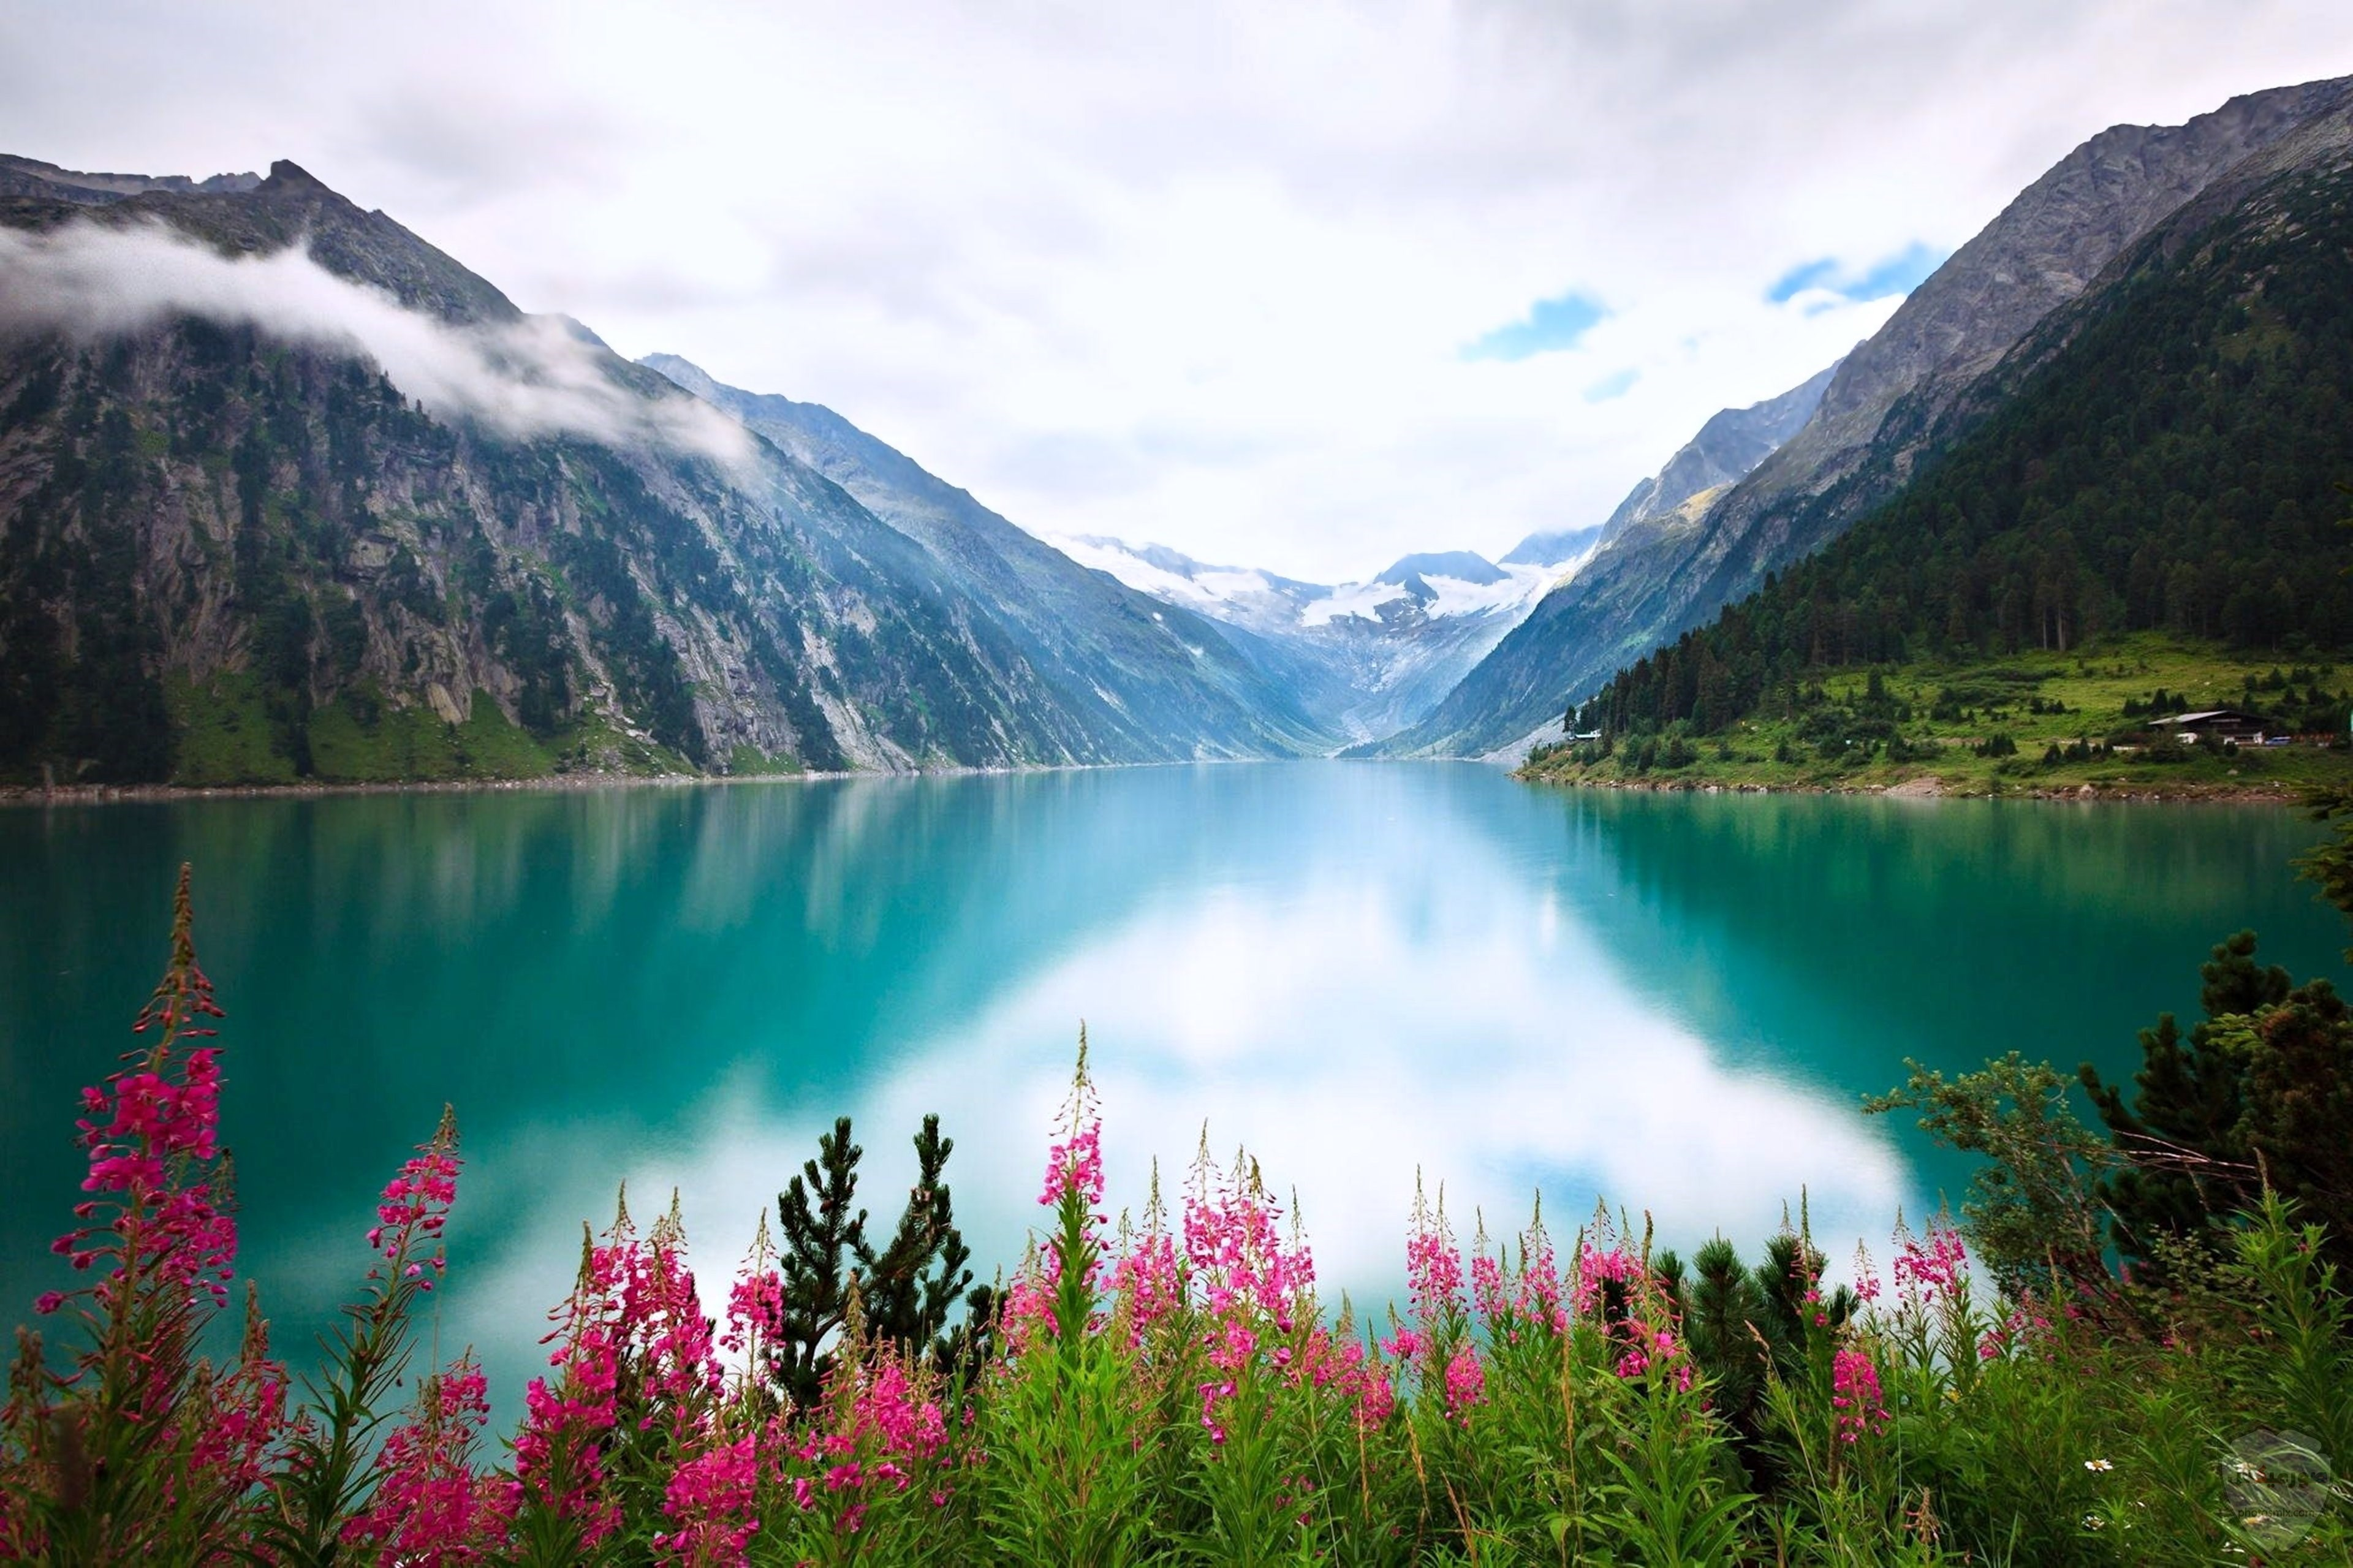 صور وخلفيات جبال وشلالات طبيعية HD خلفيات جبال خضراء وثلجية 1